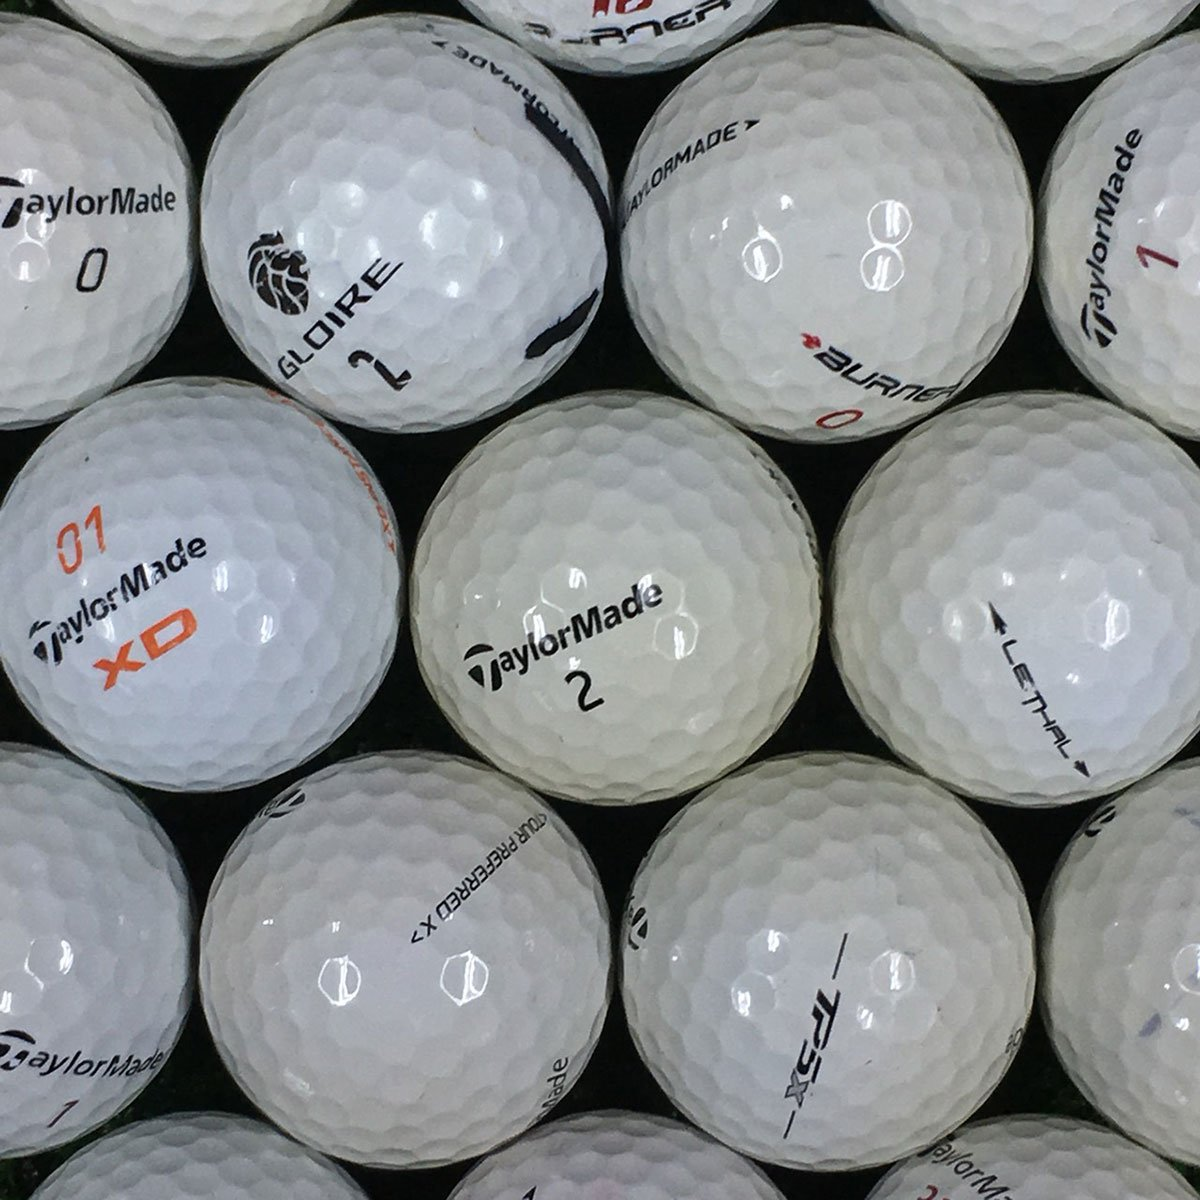 ロストボール Lost Ball ボール テーラーメイド混合 練習用ボール 500個セット 500個入り  ホワイト B07BVQ285F